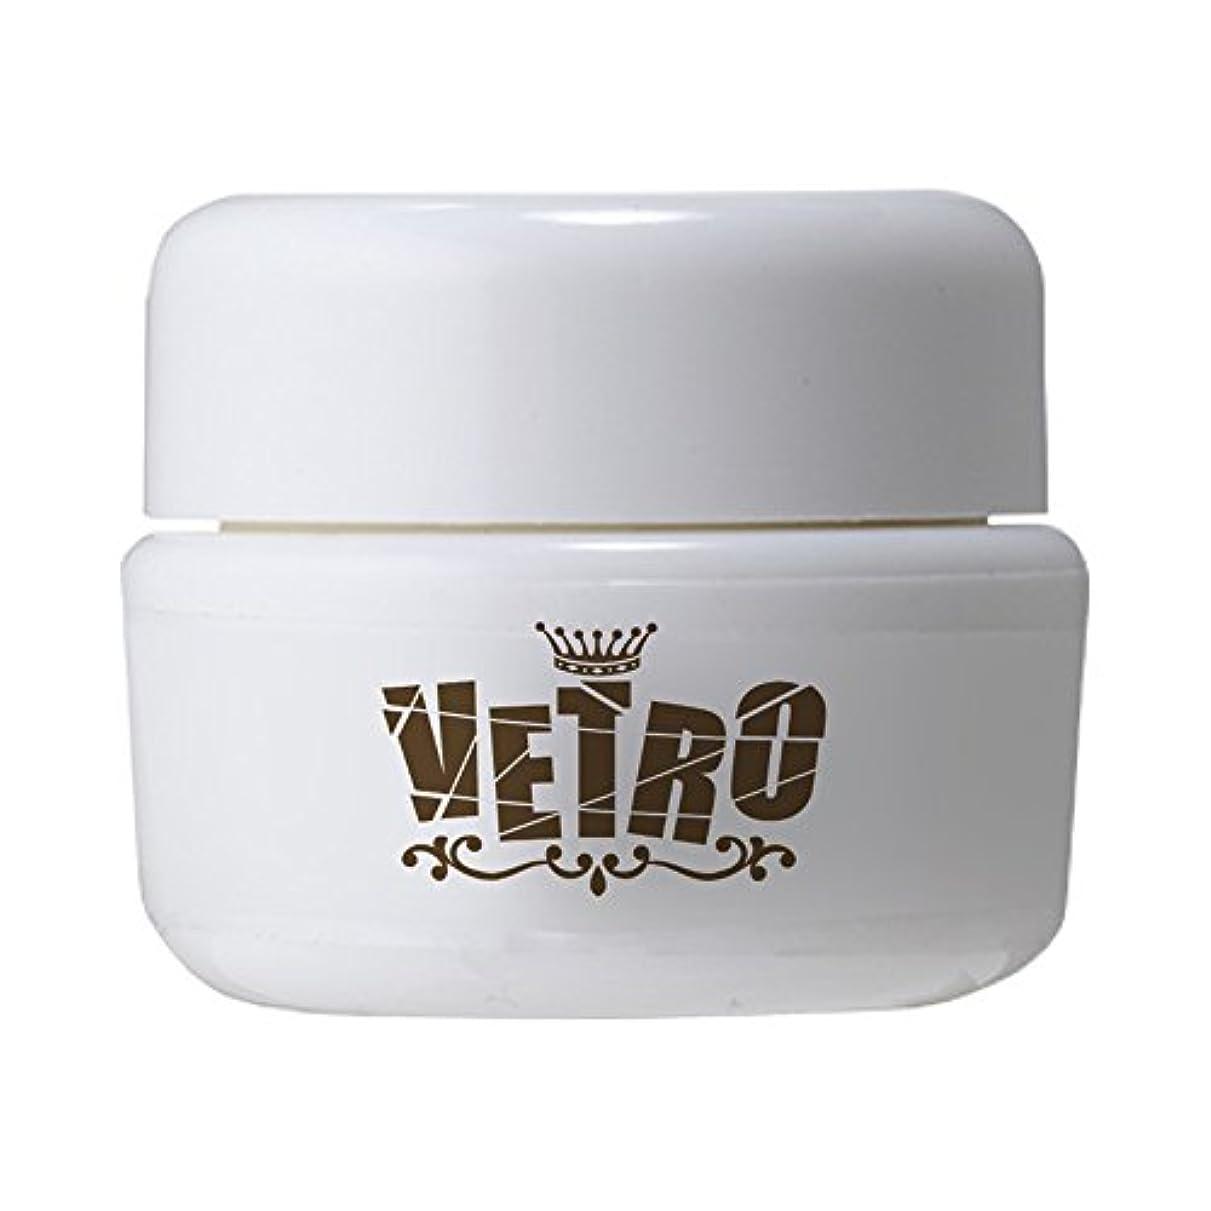 タイムリーなブロックする苦痛VETRO No.19 カラージェル シアー VL209 ココアベージュ 4ml